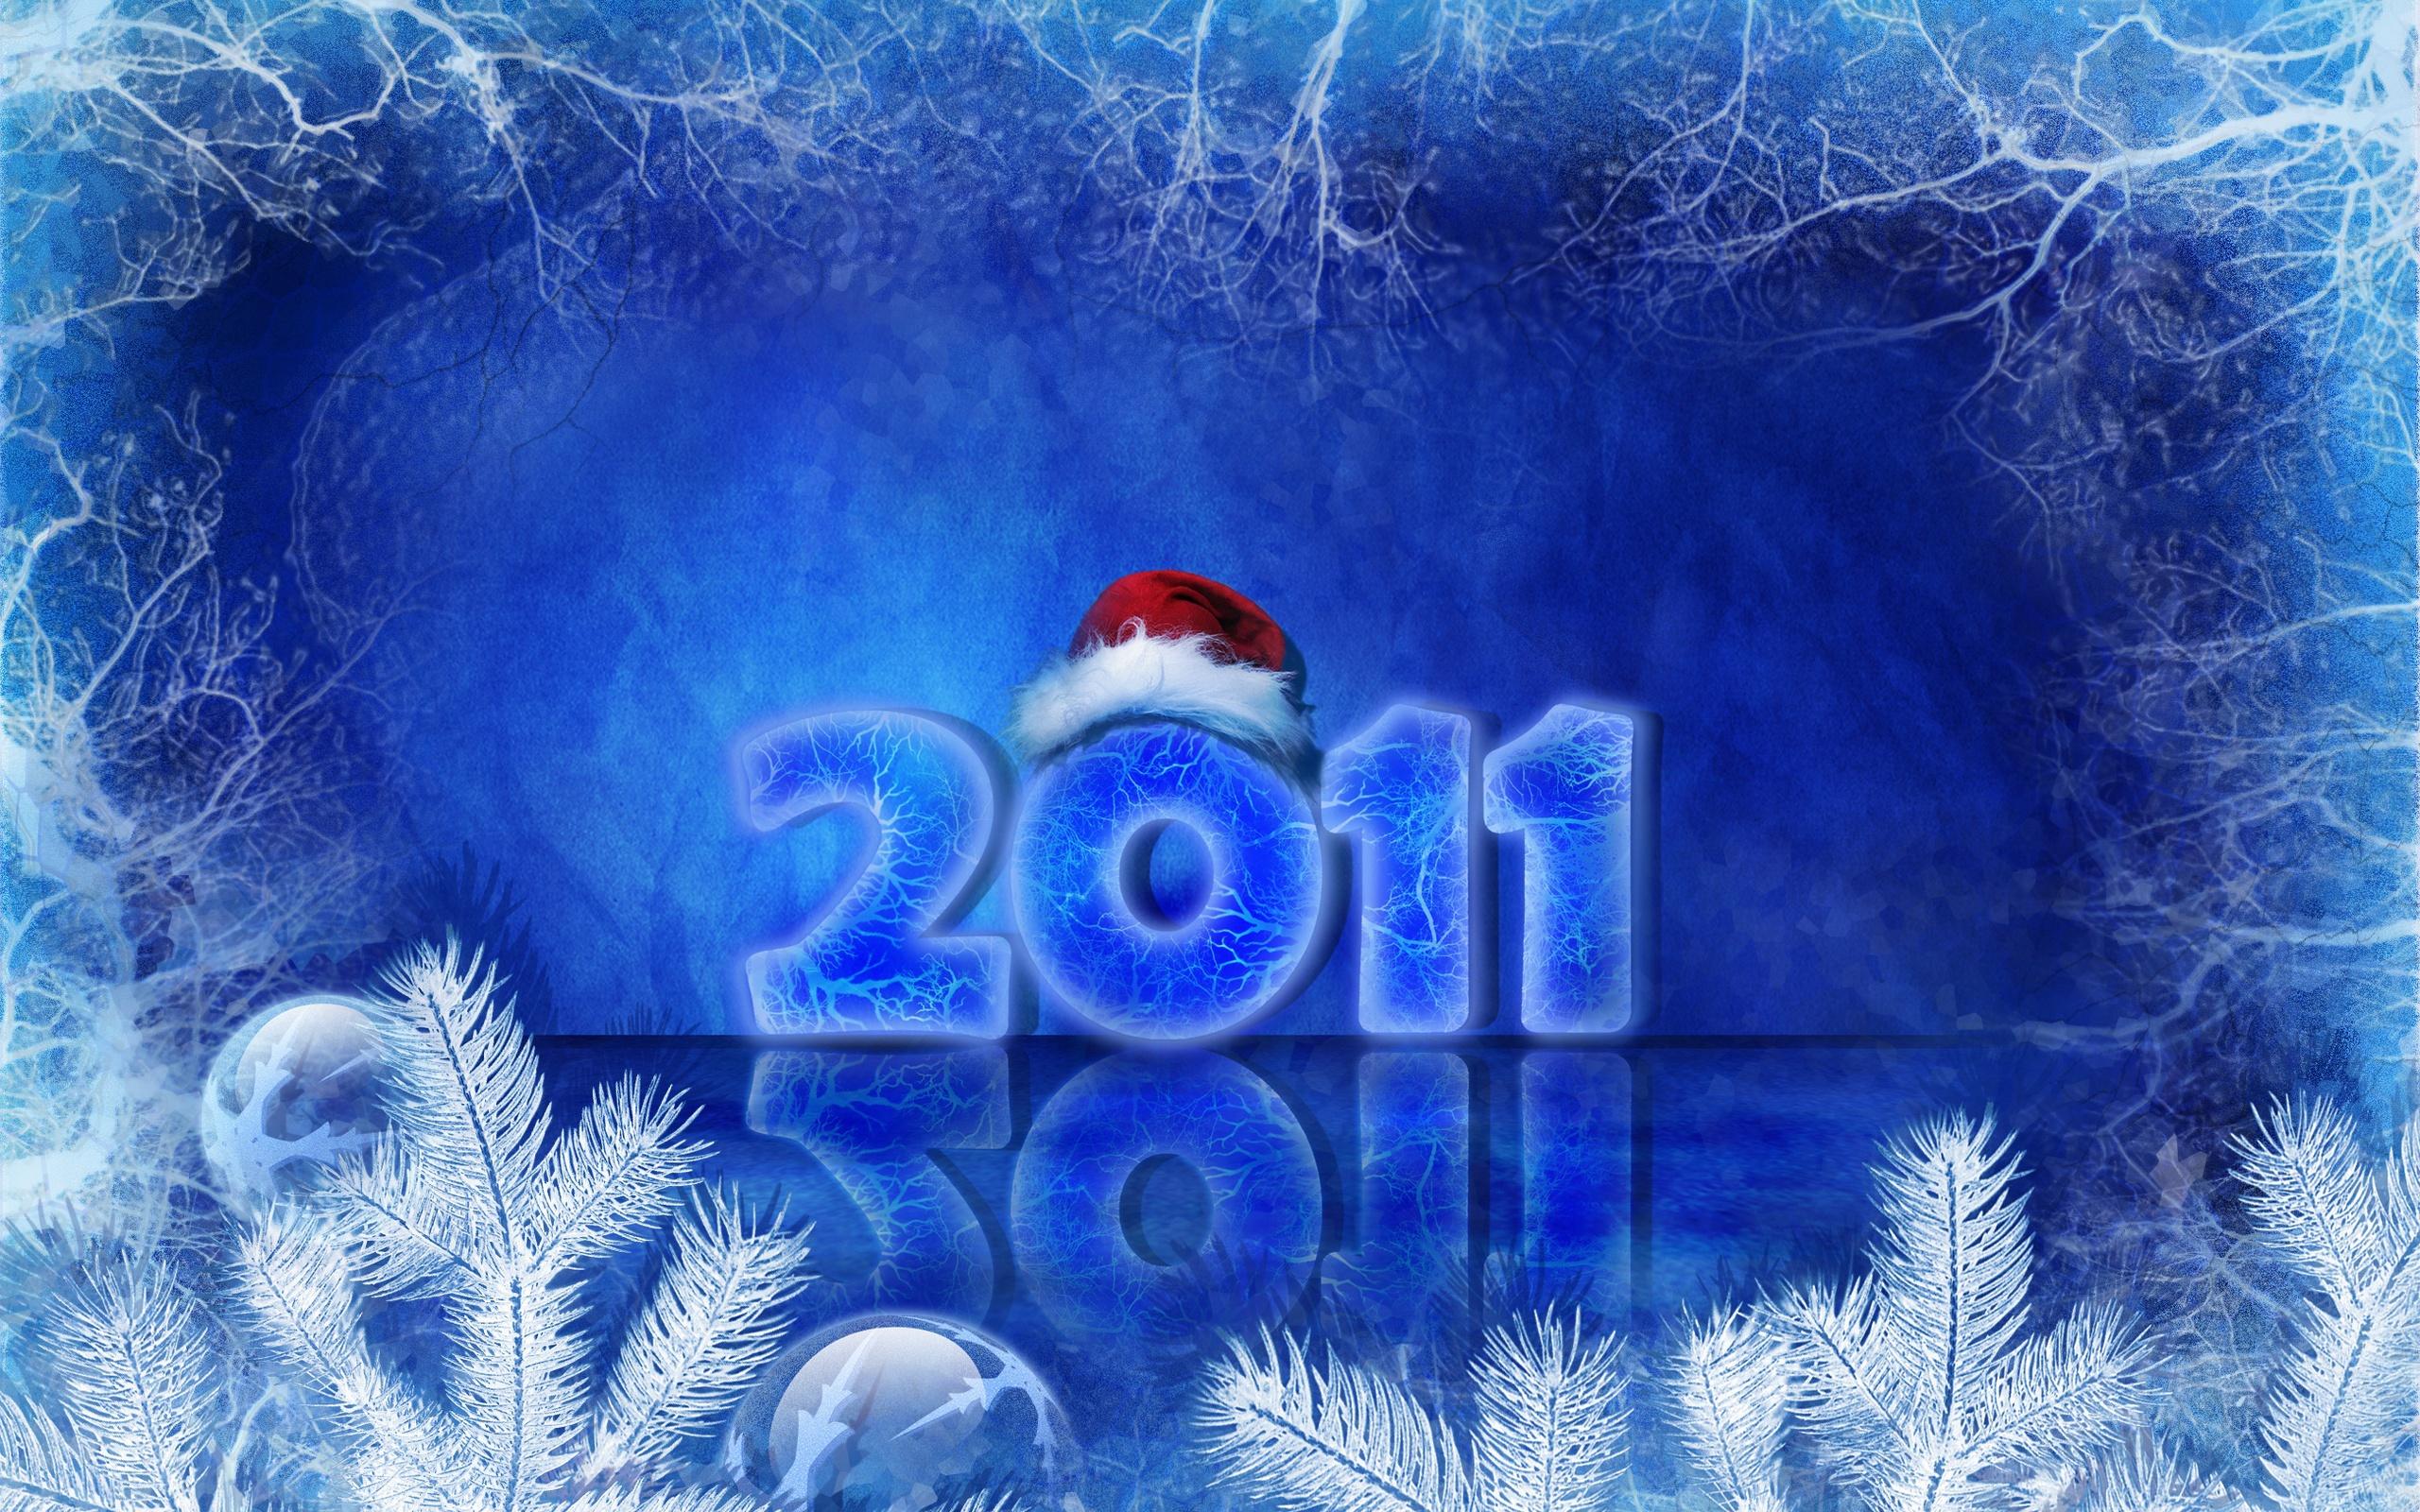 Открытки к 2011 новому году